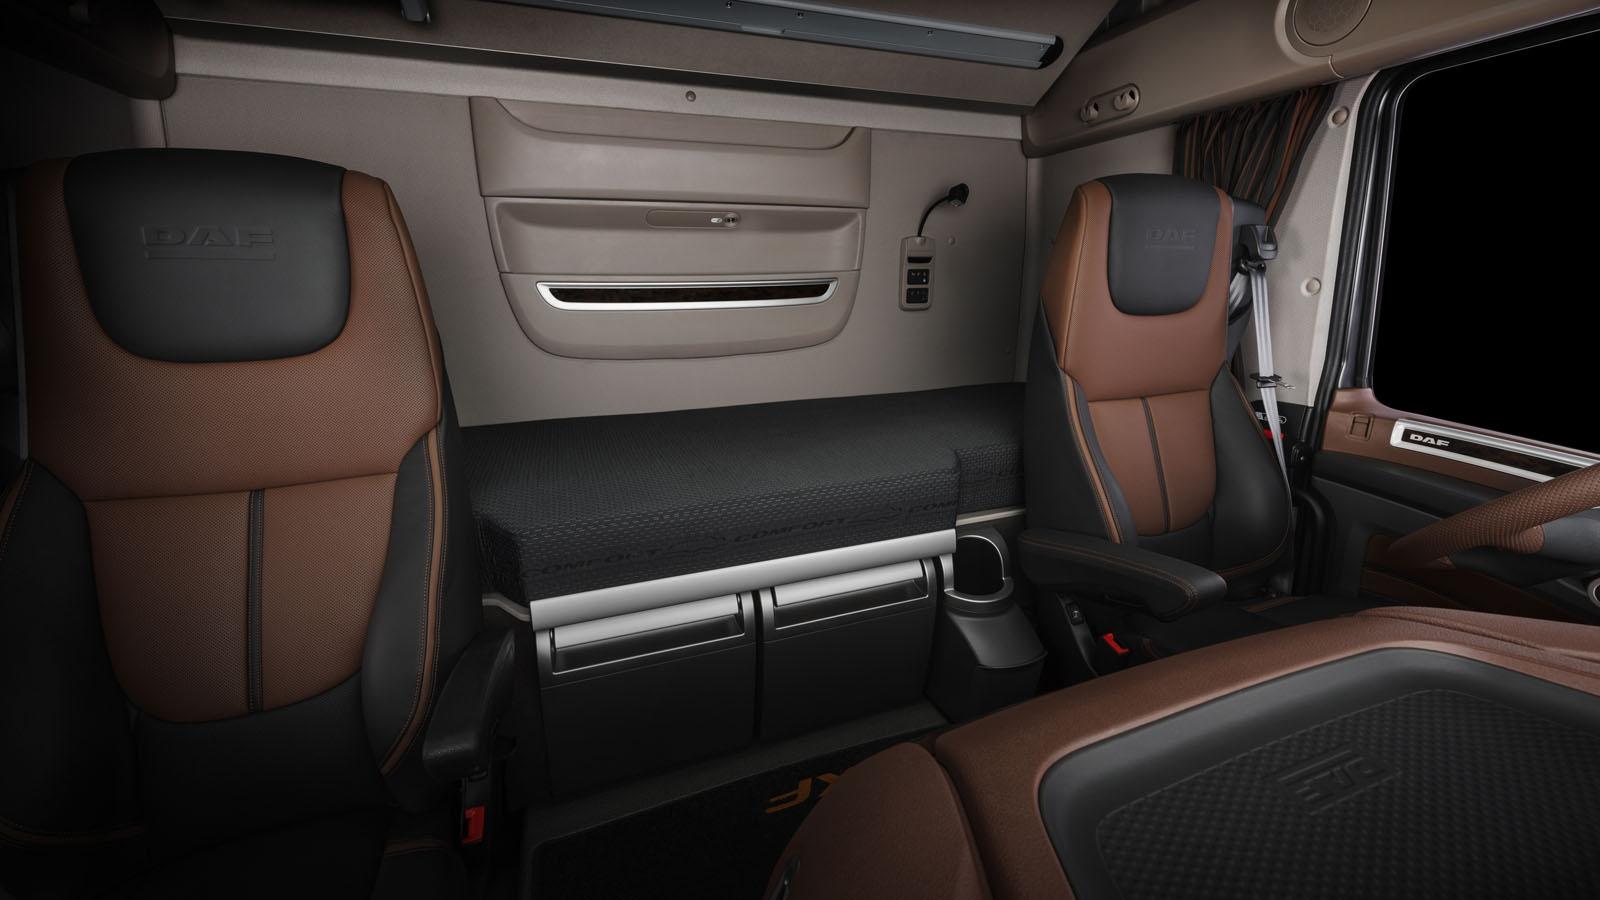 daf xf interior daf trucks ltd united kingdom. Black Bedroom Furniture Sets. Home Design Ideas